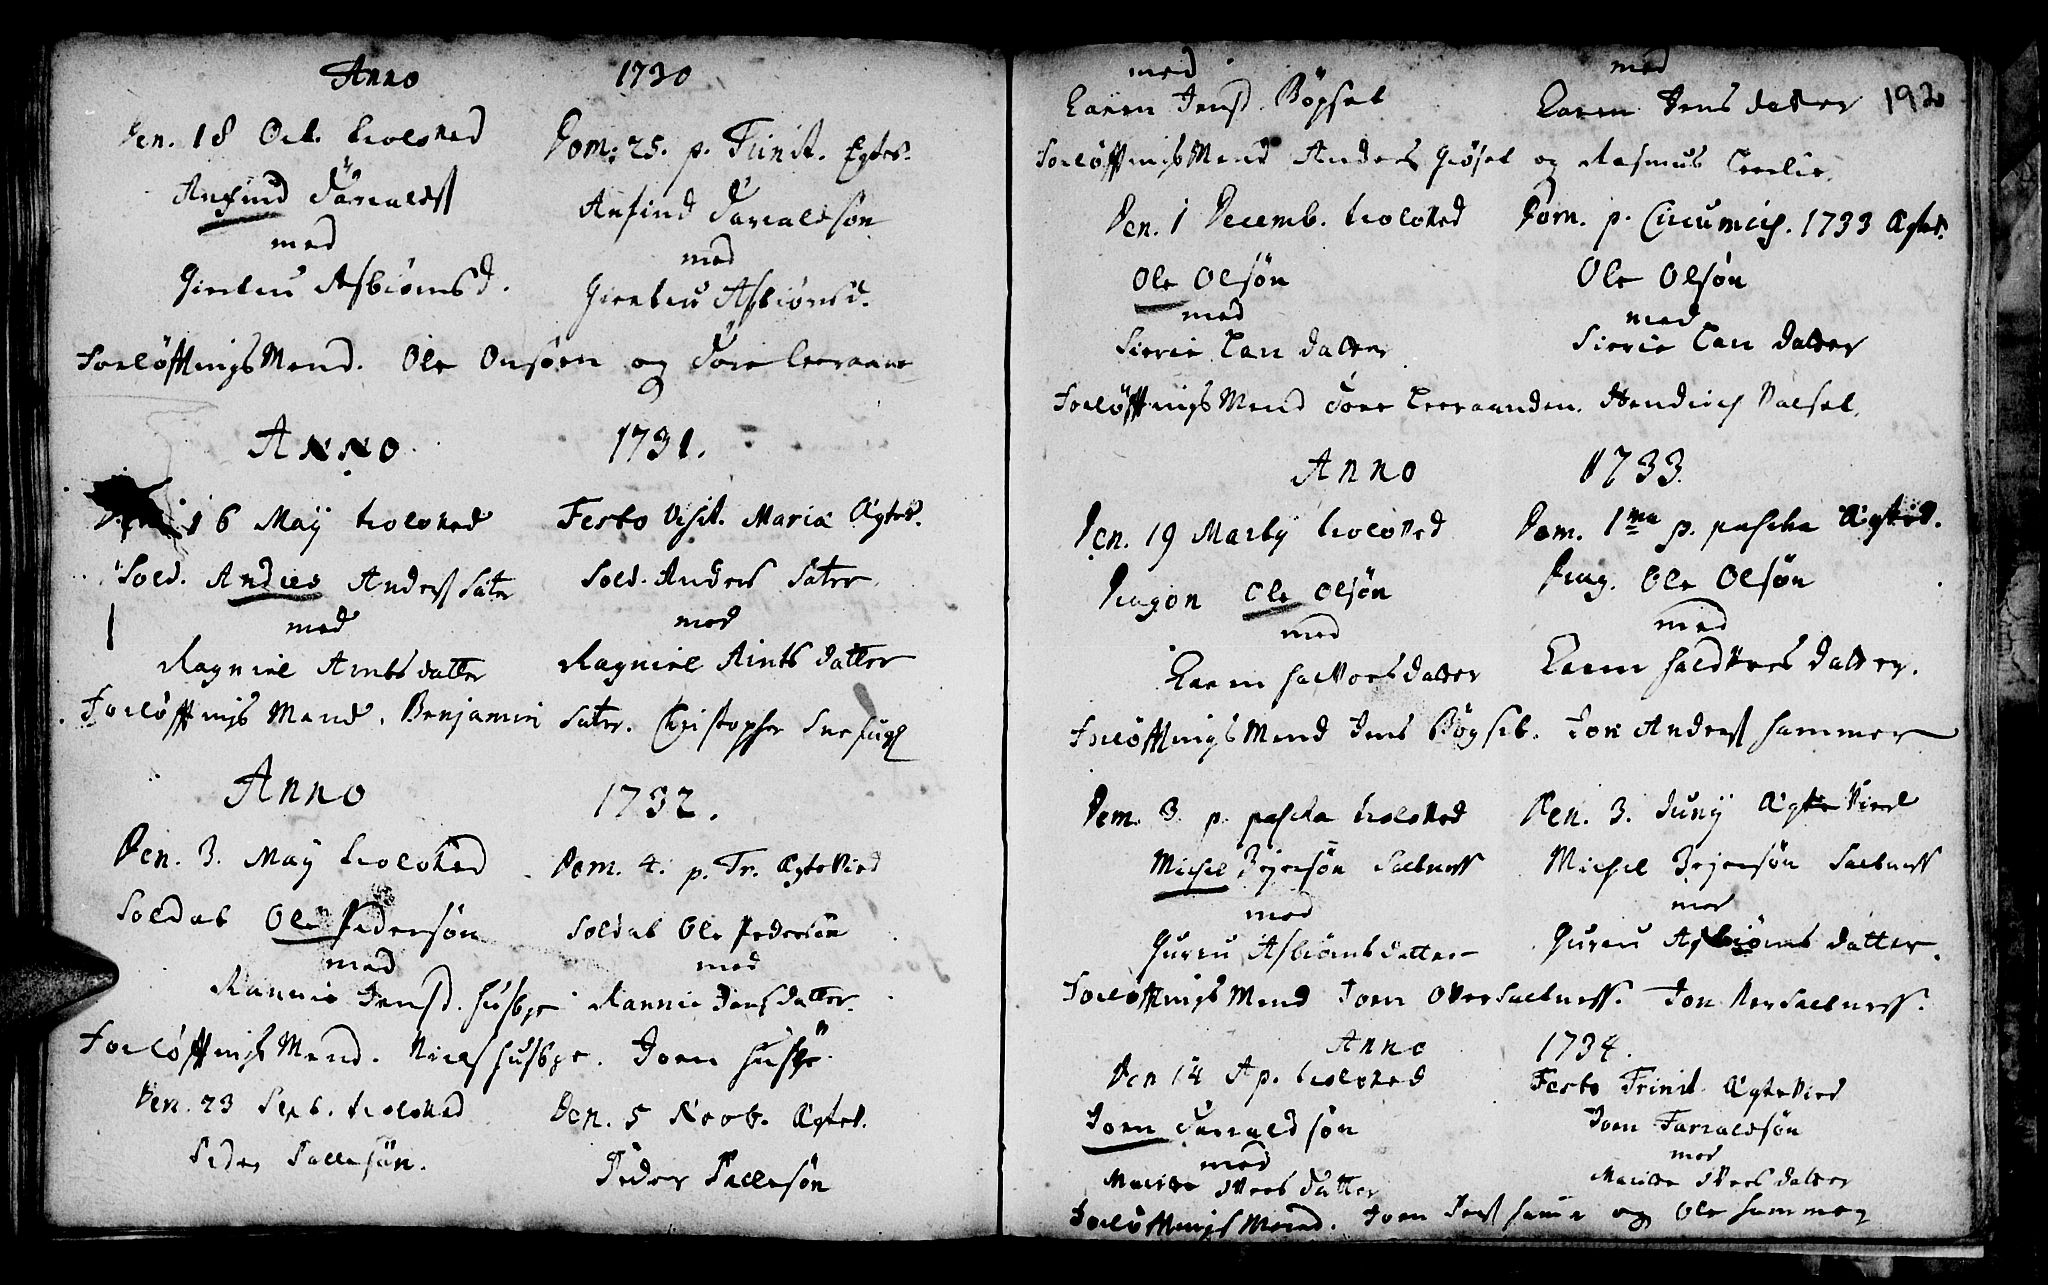 SAT, Ministerialprotokoller, klokkerbøker og fødselsregistre - Sør-Trøndelag, 666/L0783: Ministerialbok nr. 666A01, 1702-1753, s. 192